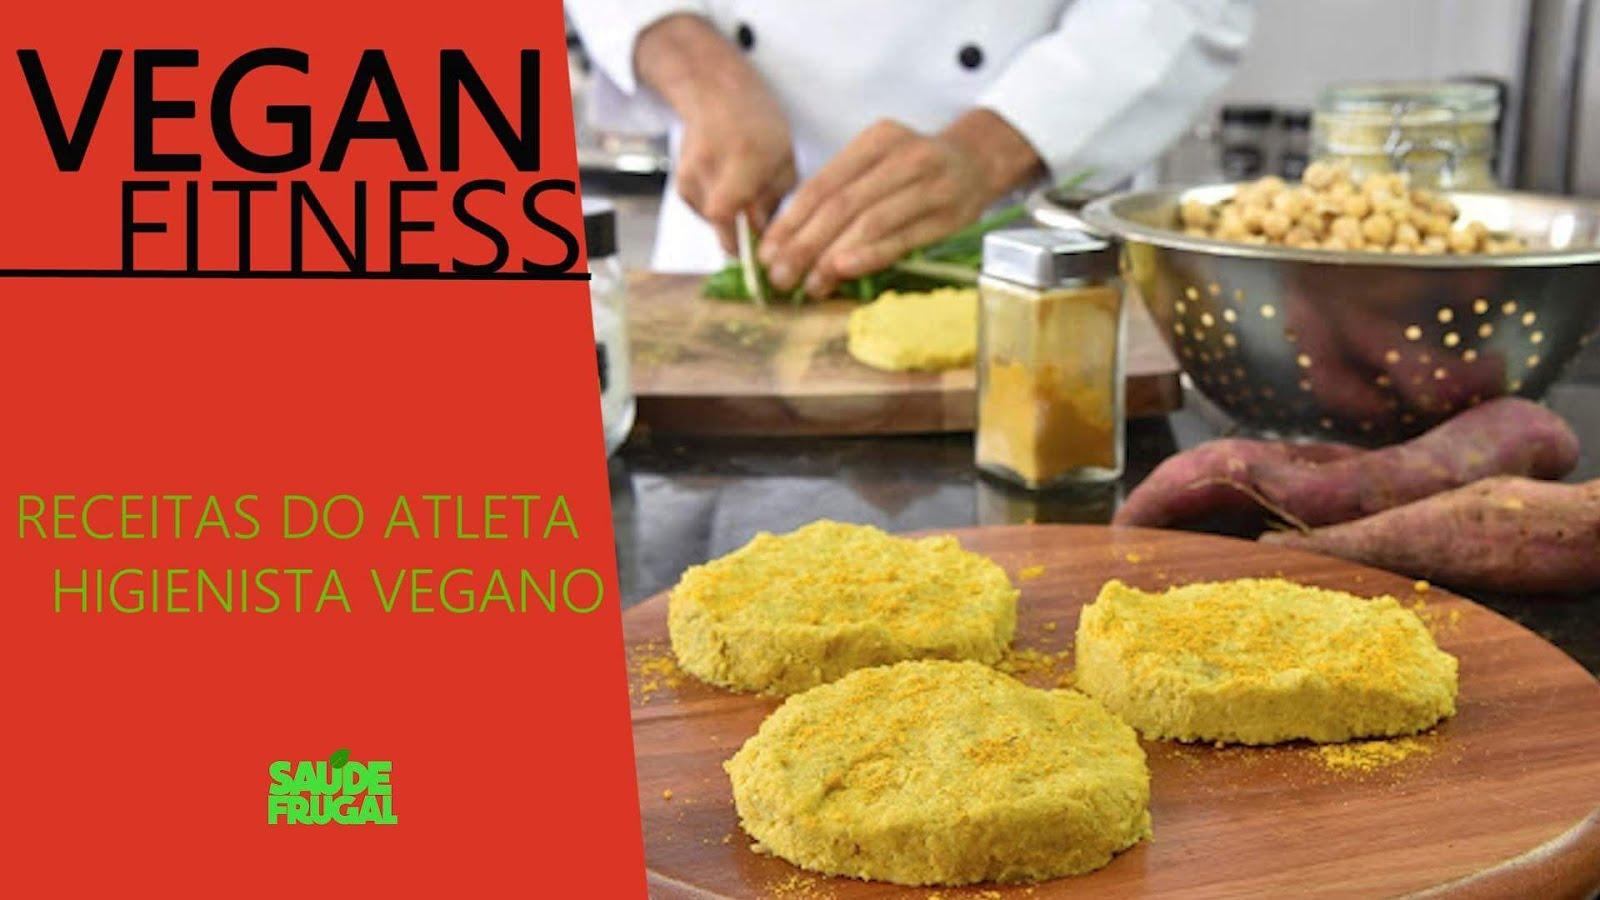 Vegan Fitness online course